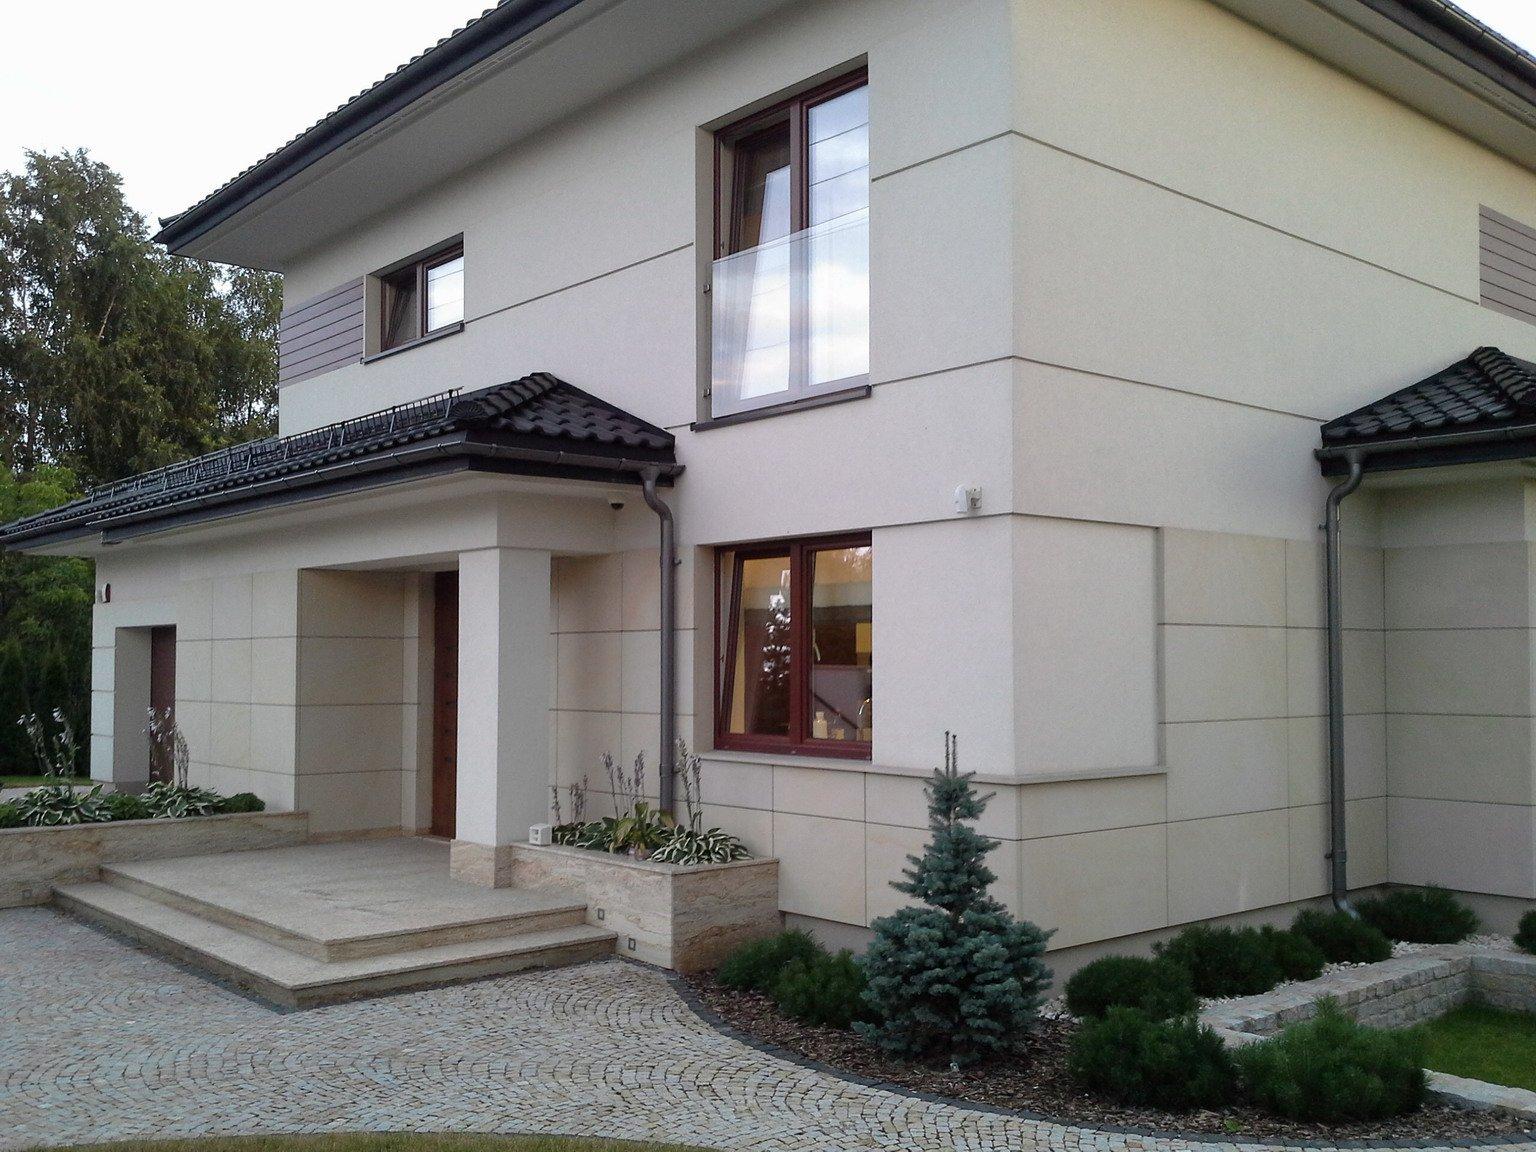 projekt-domu-slodki-fot-2-1382621951-5xy5qdta.jpg